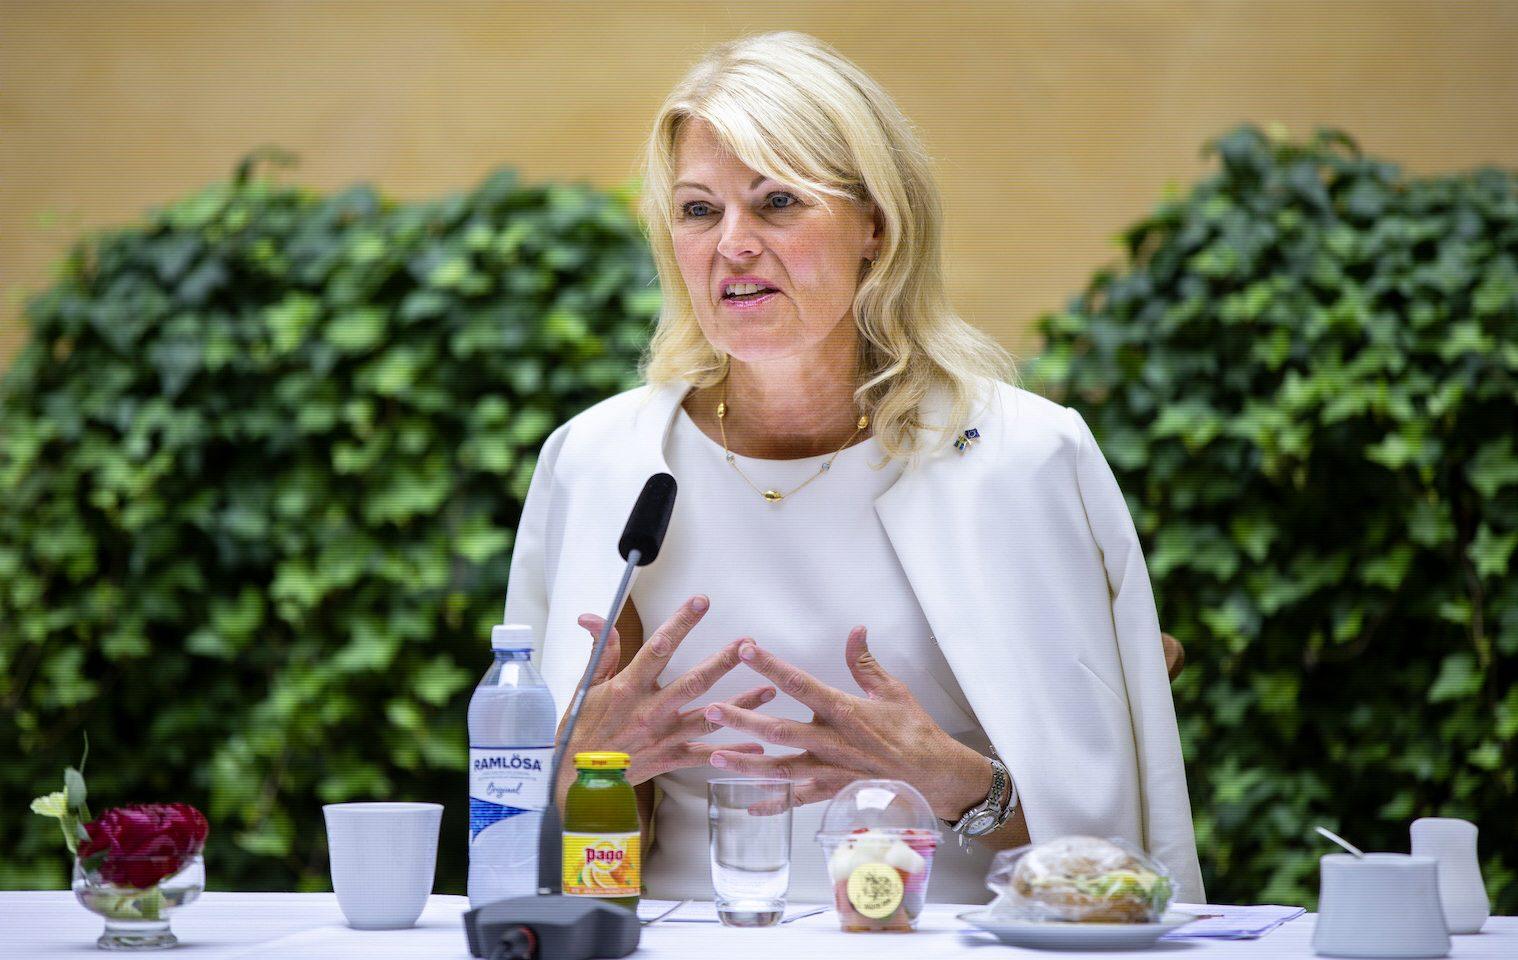 Utrikeshandelsminister Anna Hallberg välkomnar det arbete som svenska företag och civilsamhällesorganisationer gör för en lagstiftning som kravställer att företag lever upp till mänskliga rättigheter.